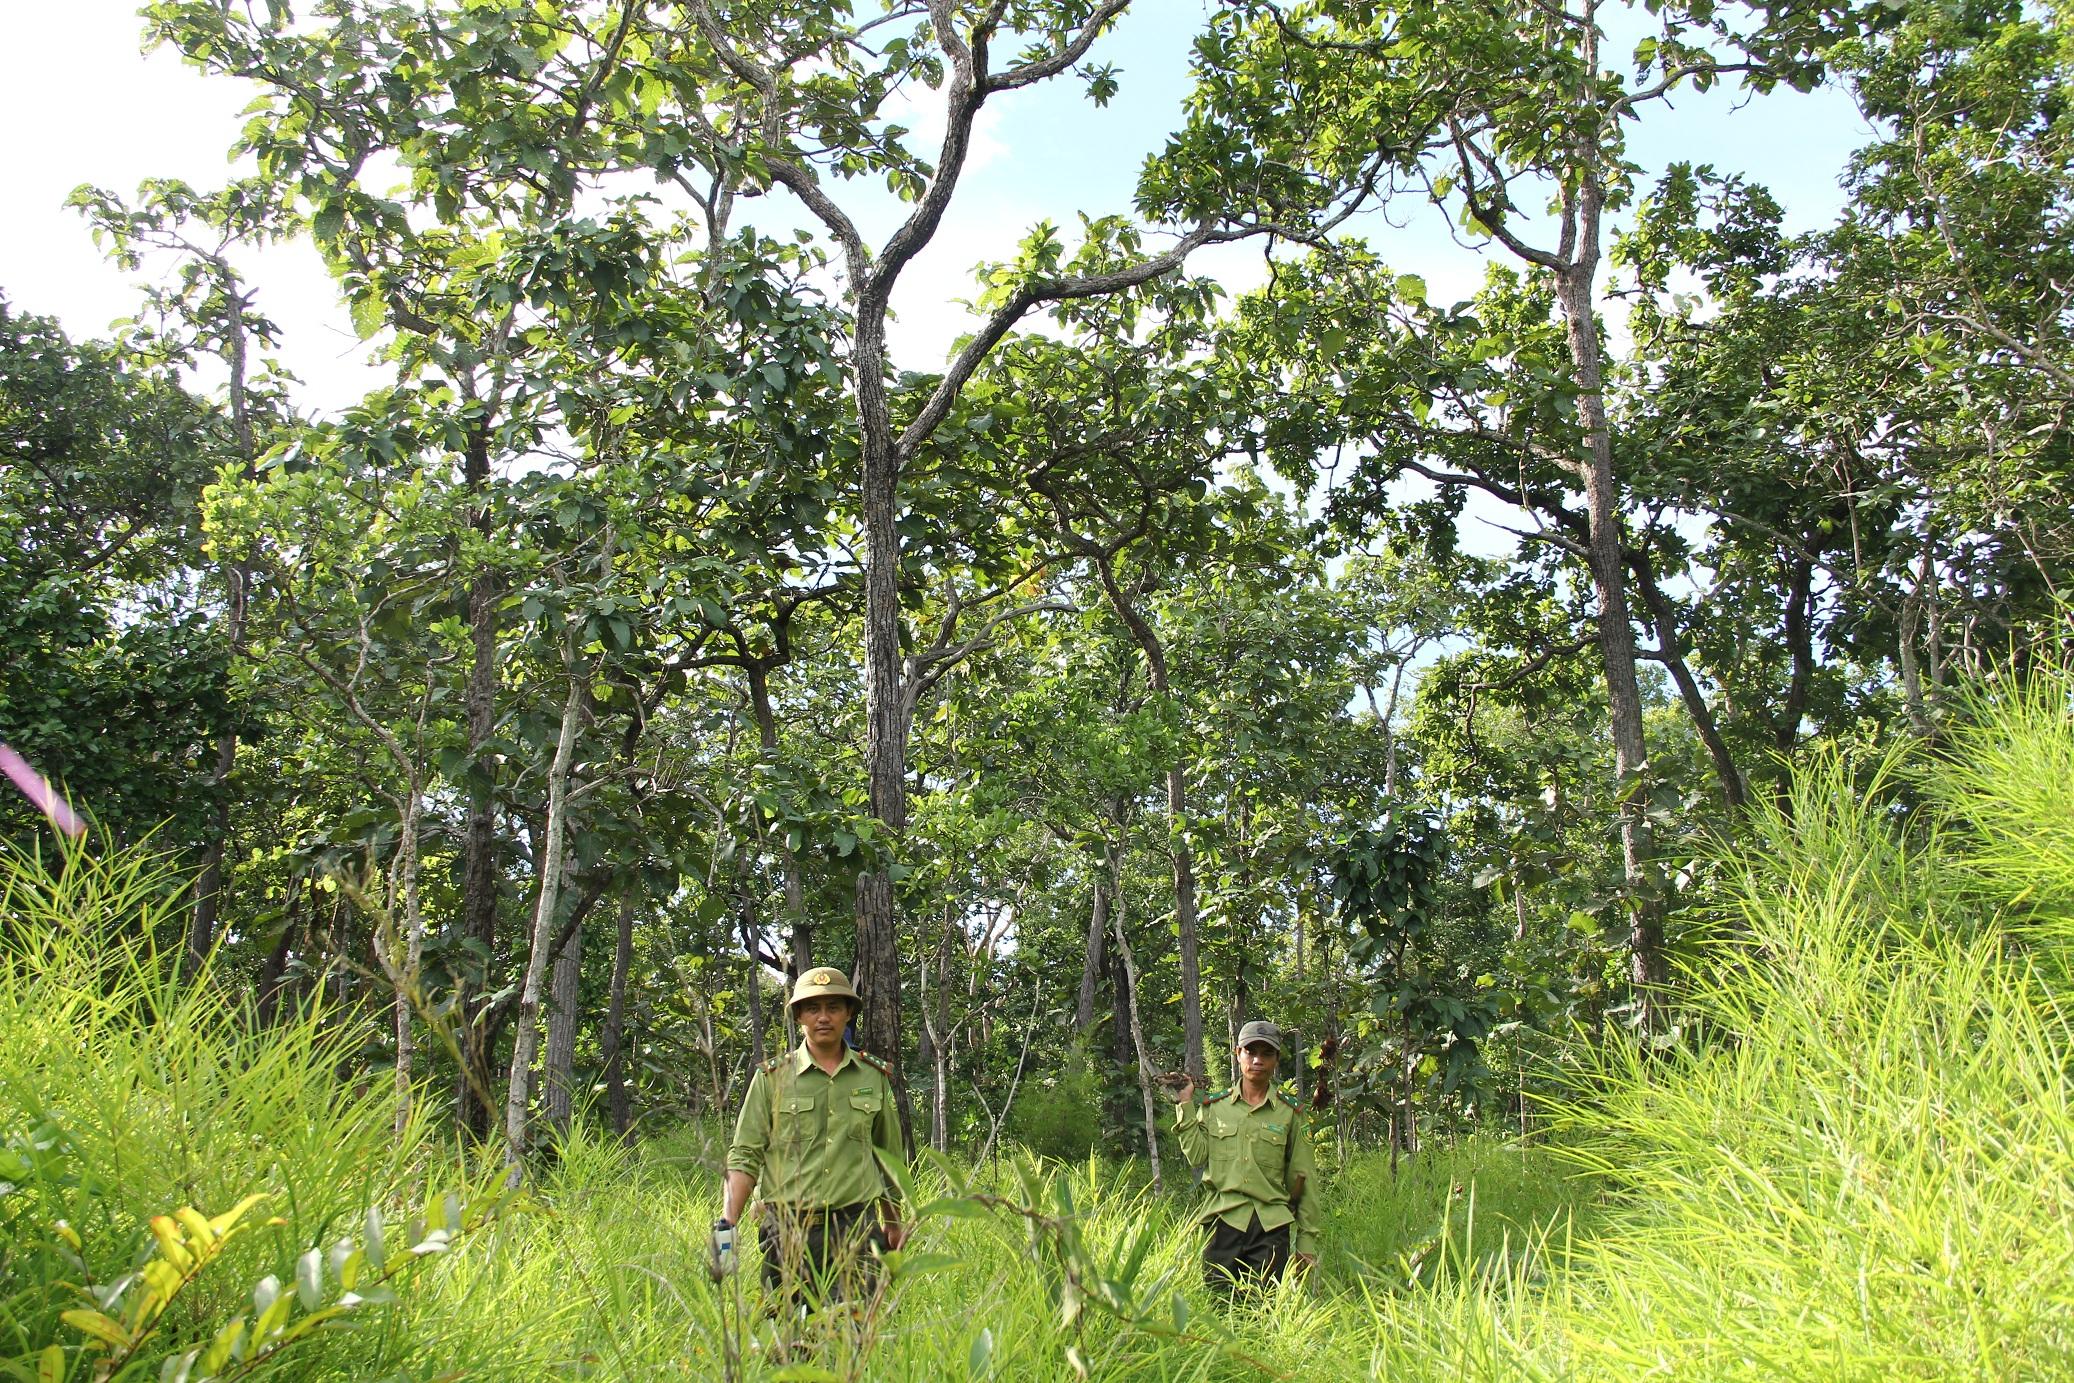 Triển khai Chương trình mục tiêu phát triển Lâm nghiệp bền vững giai đoạn 2016-2020